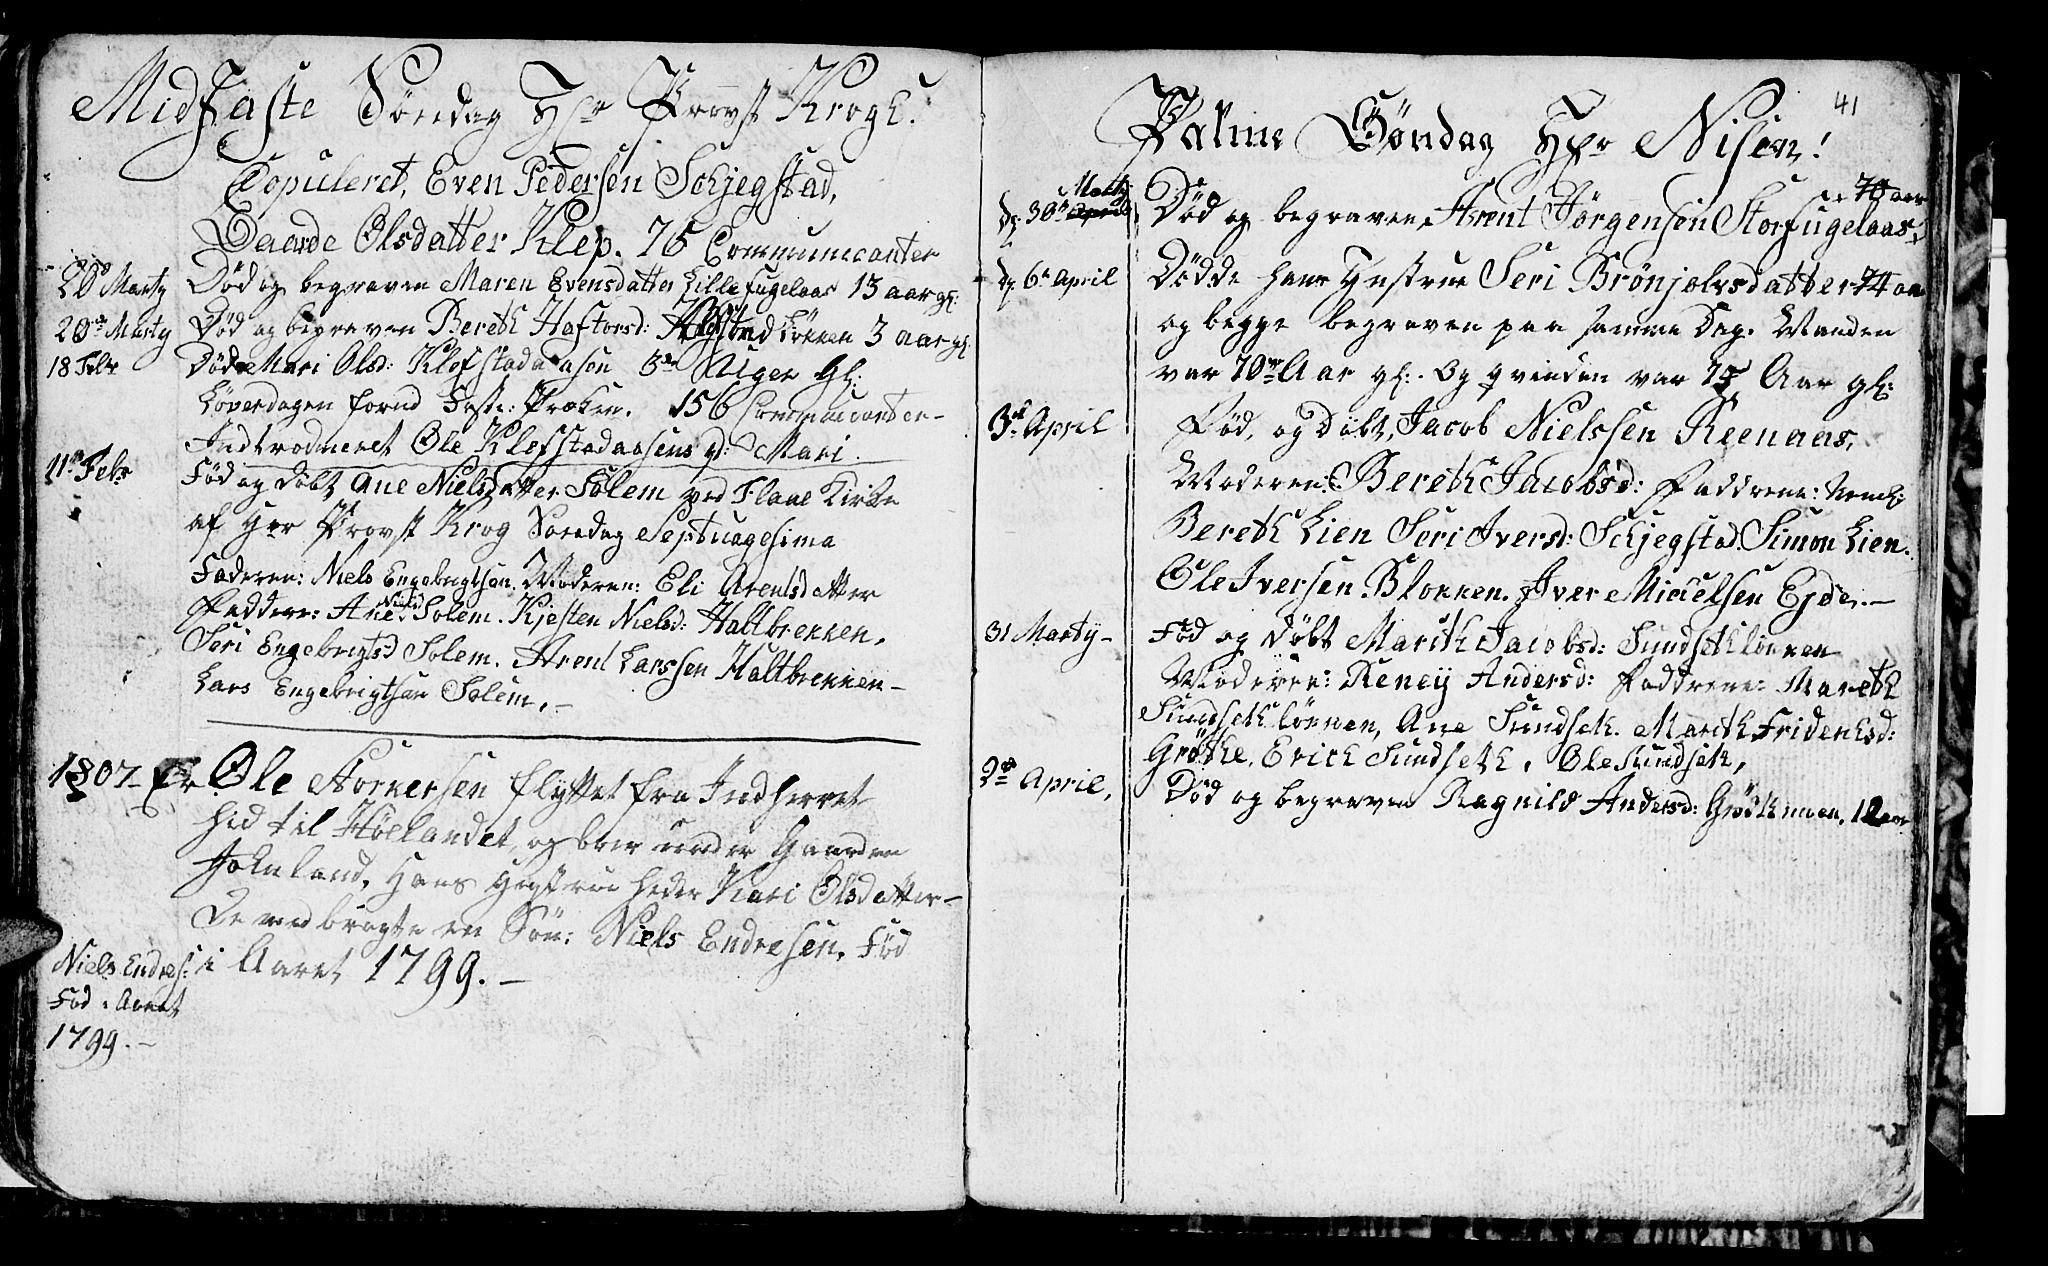 SAT, Ministerialprotokoller, klokkerbøker og fødselsregistre - Sør-Trøndelag, 694/L1129: Klokkerbok nr. 694C01, 1793-1815, s. 41